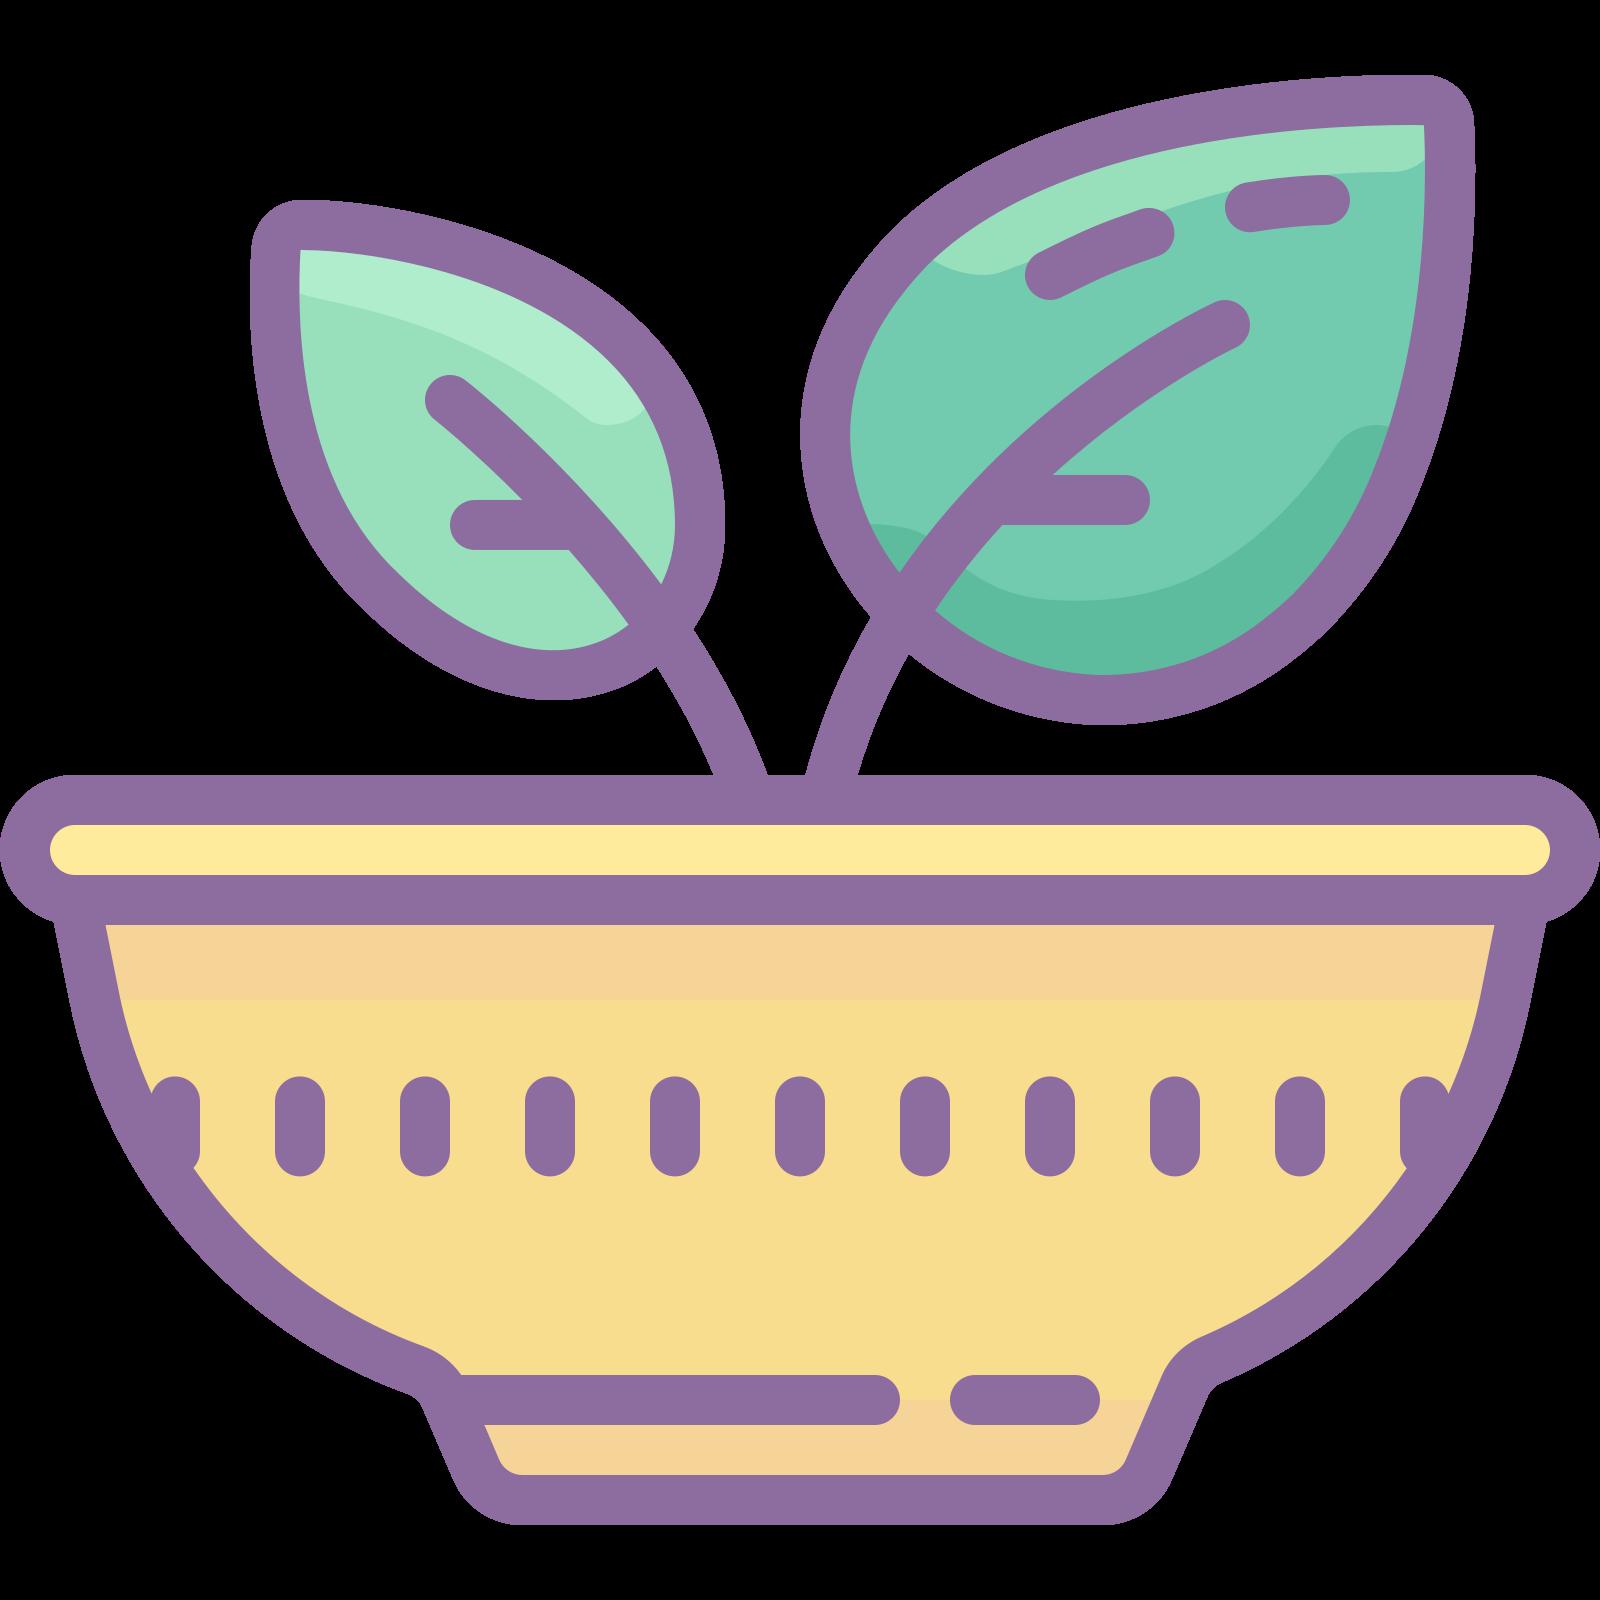 Gesundes Essen icon